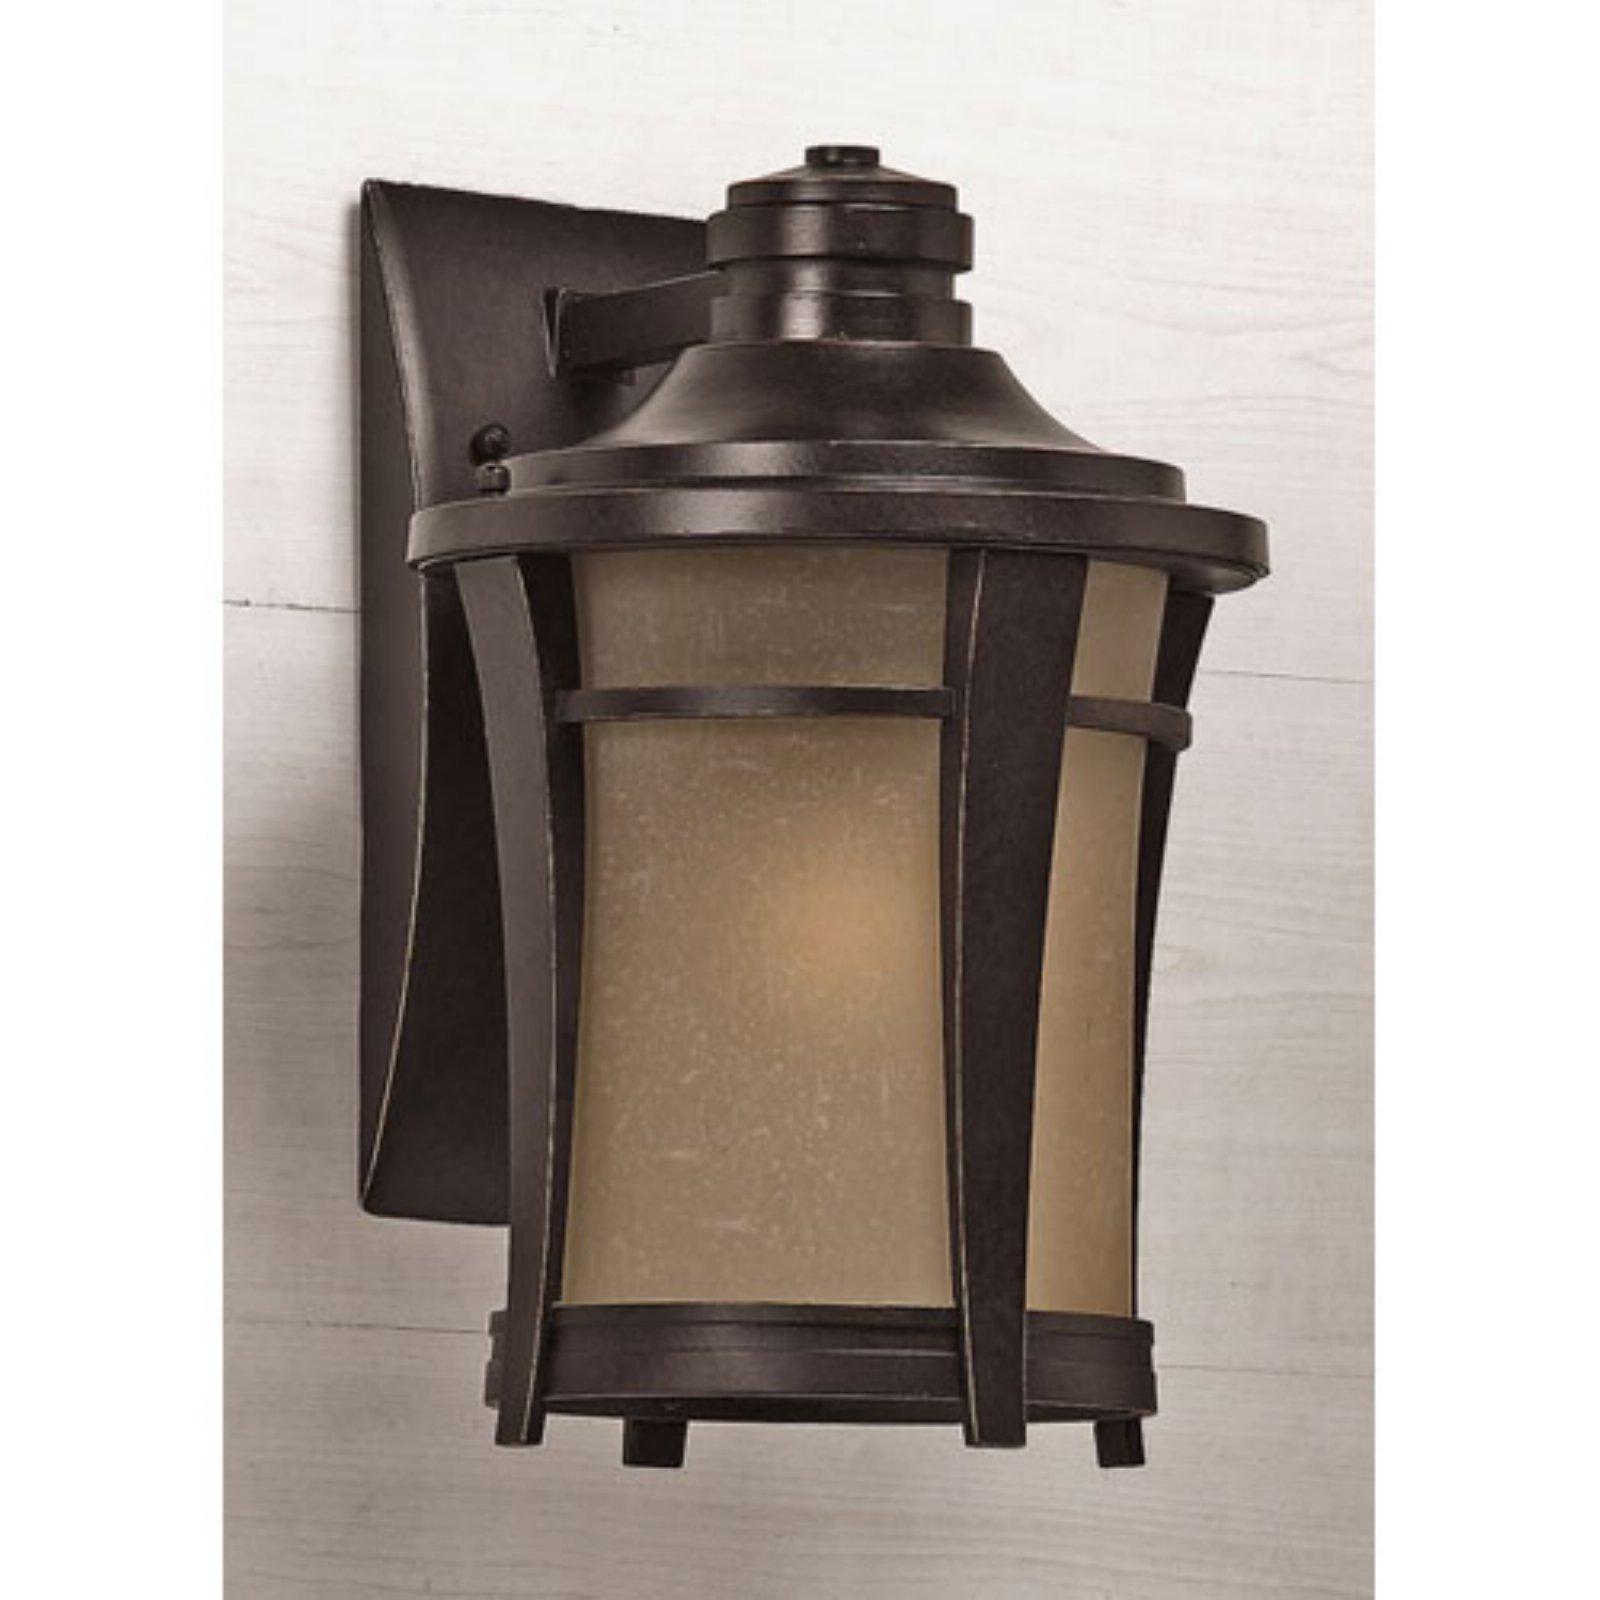 Quoizel Harmony HY8409IB Outdoor Wall Lantern